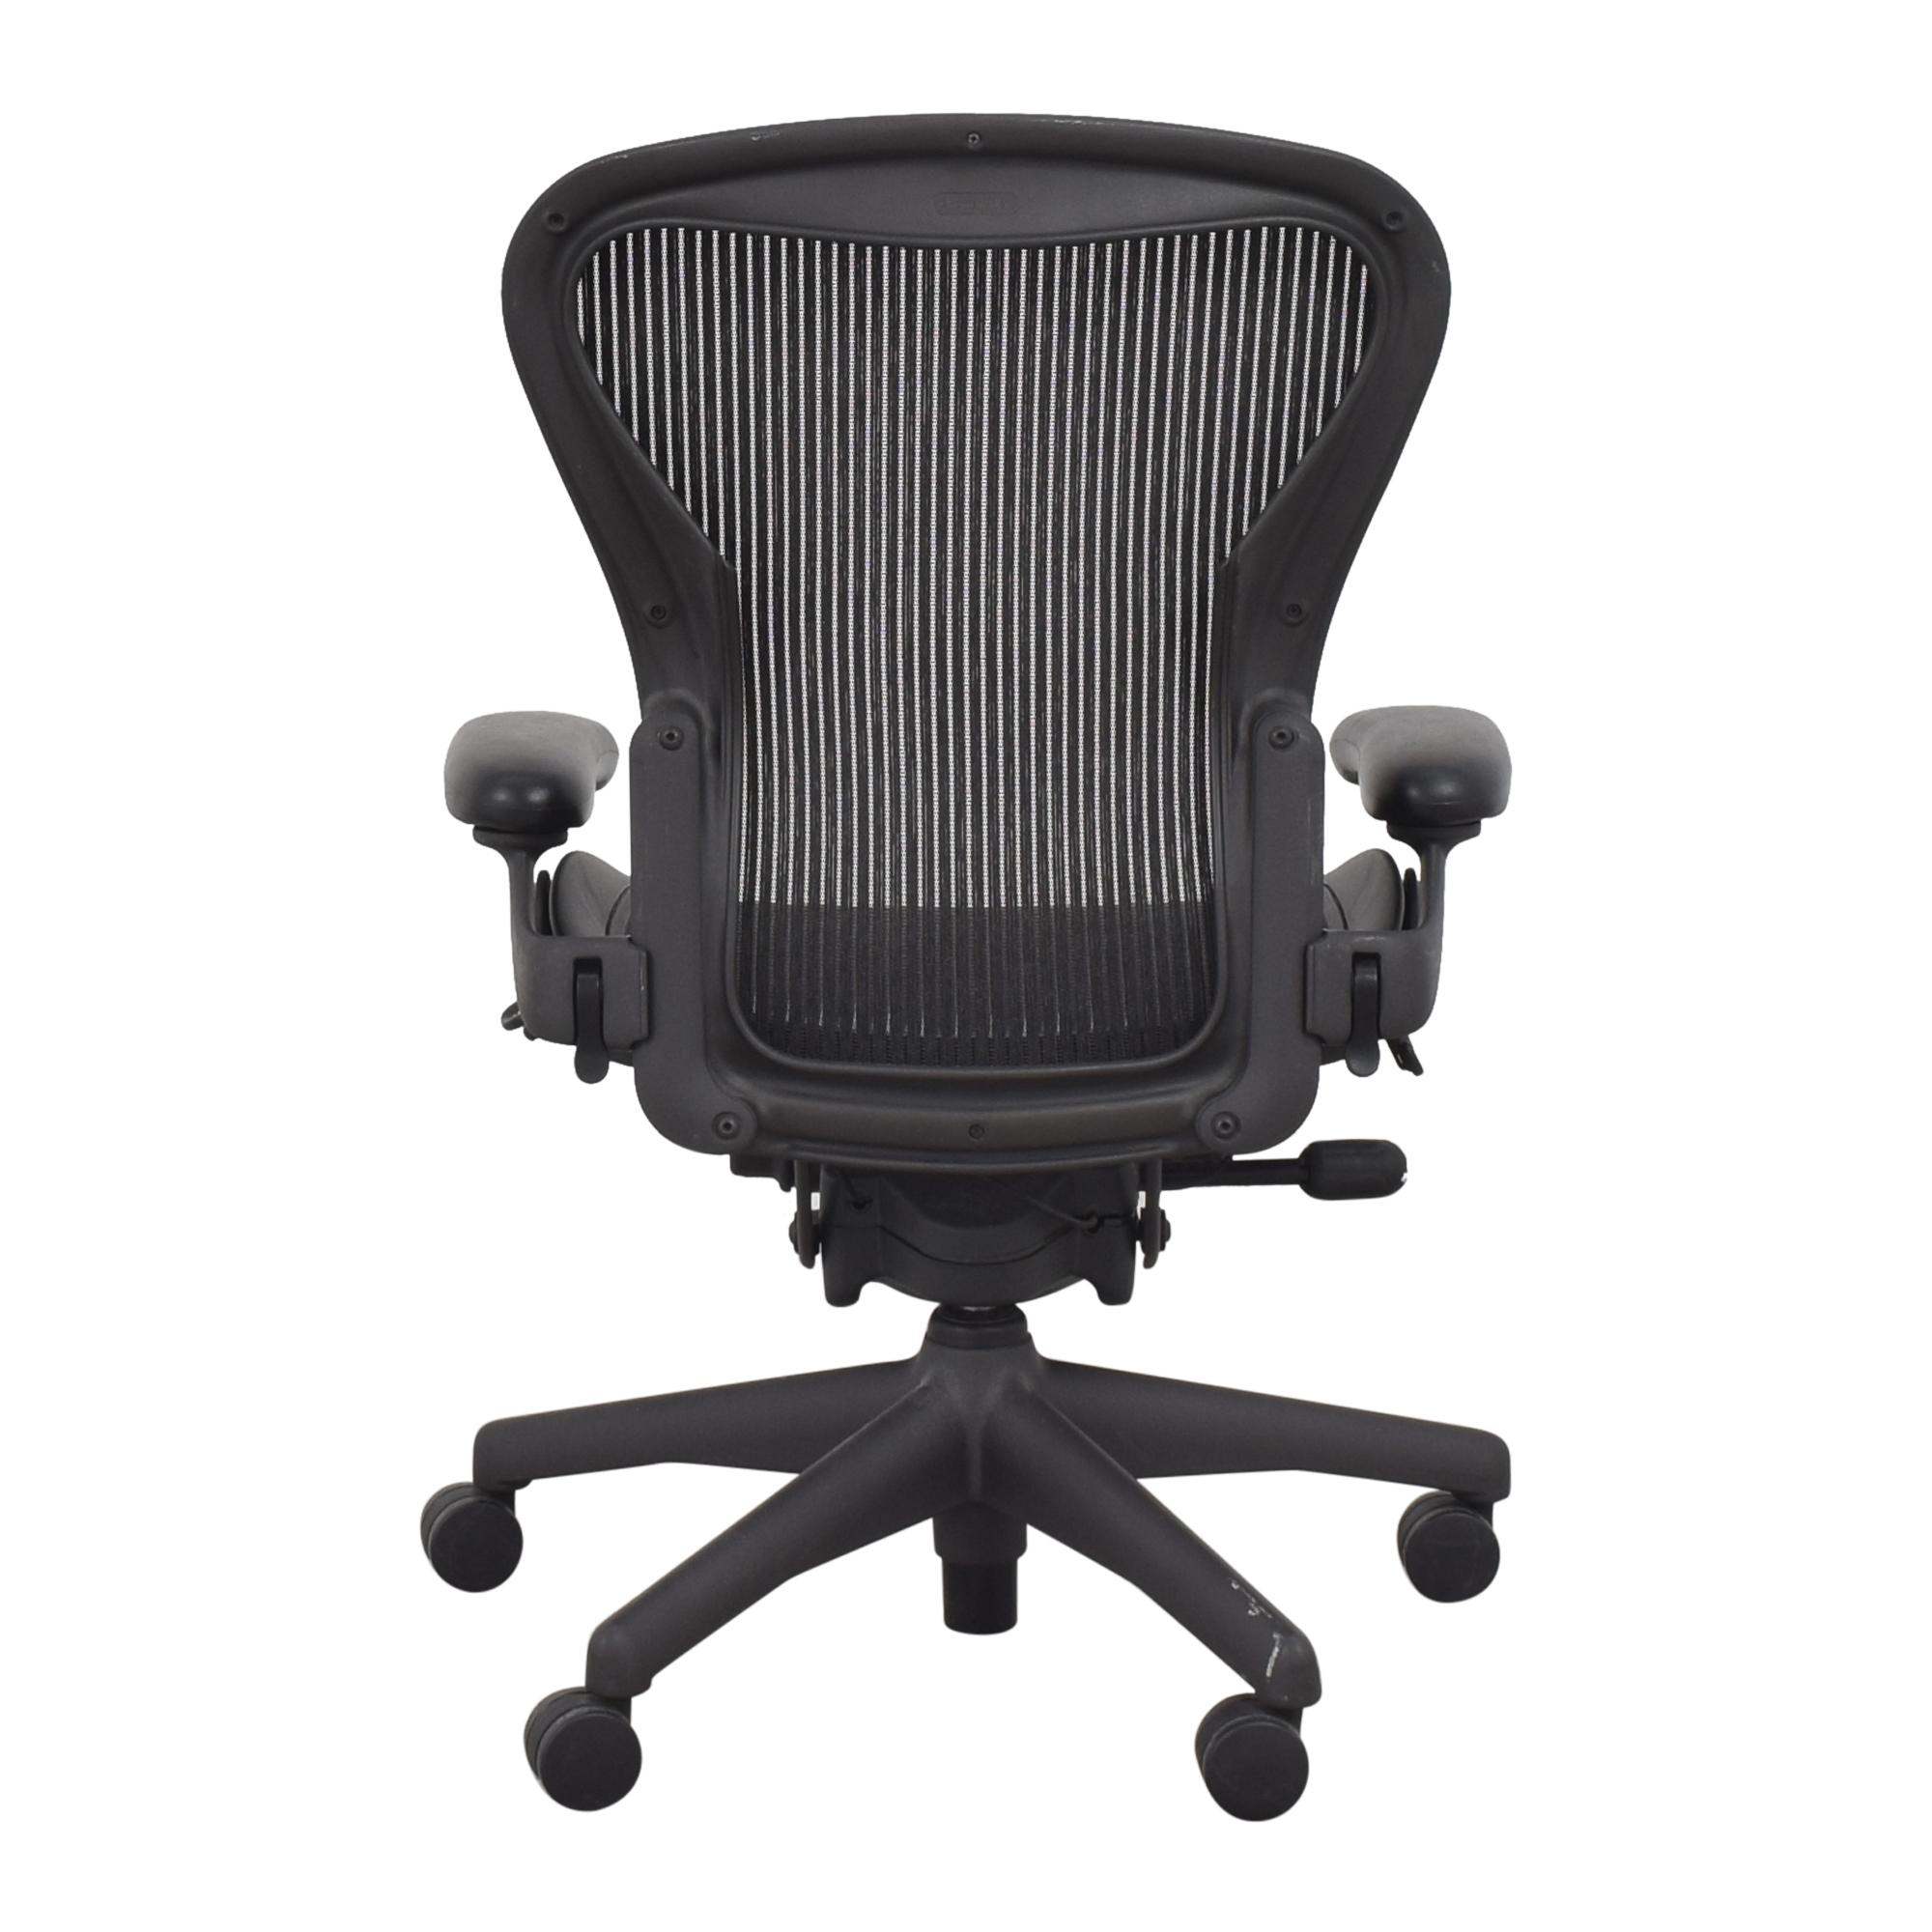 Herman Miller Herman Miller Size B Aeron Chair pa